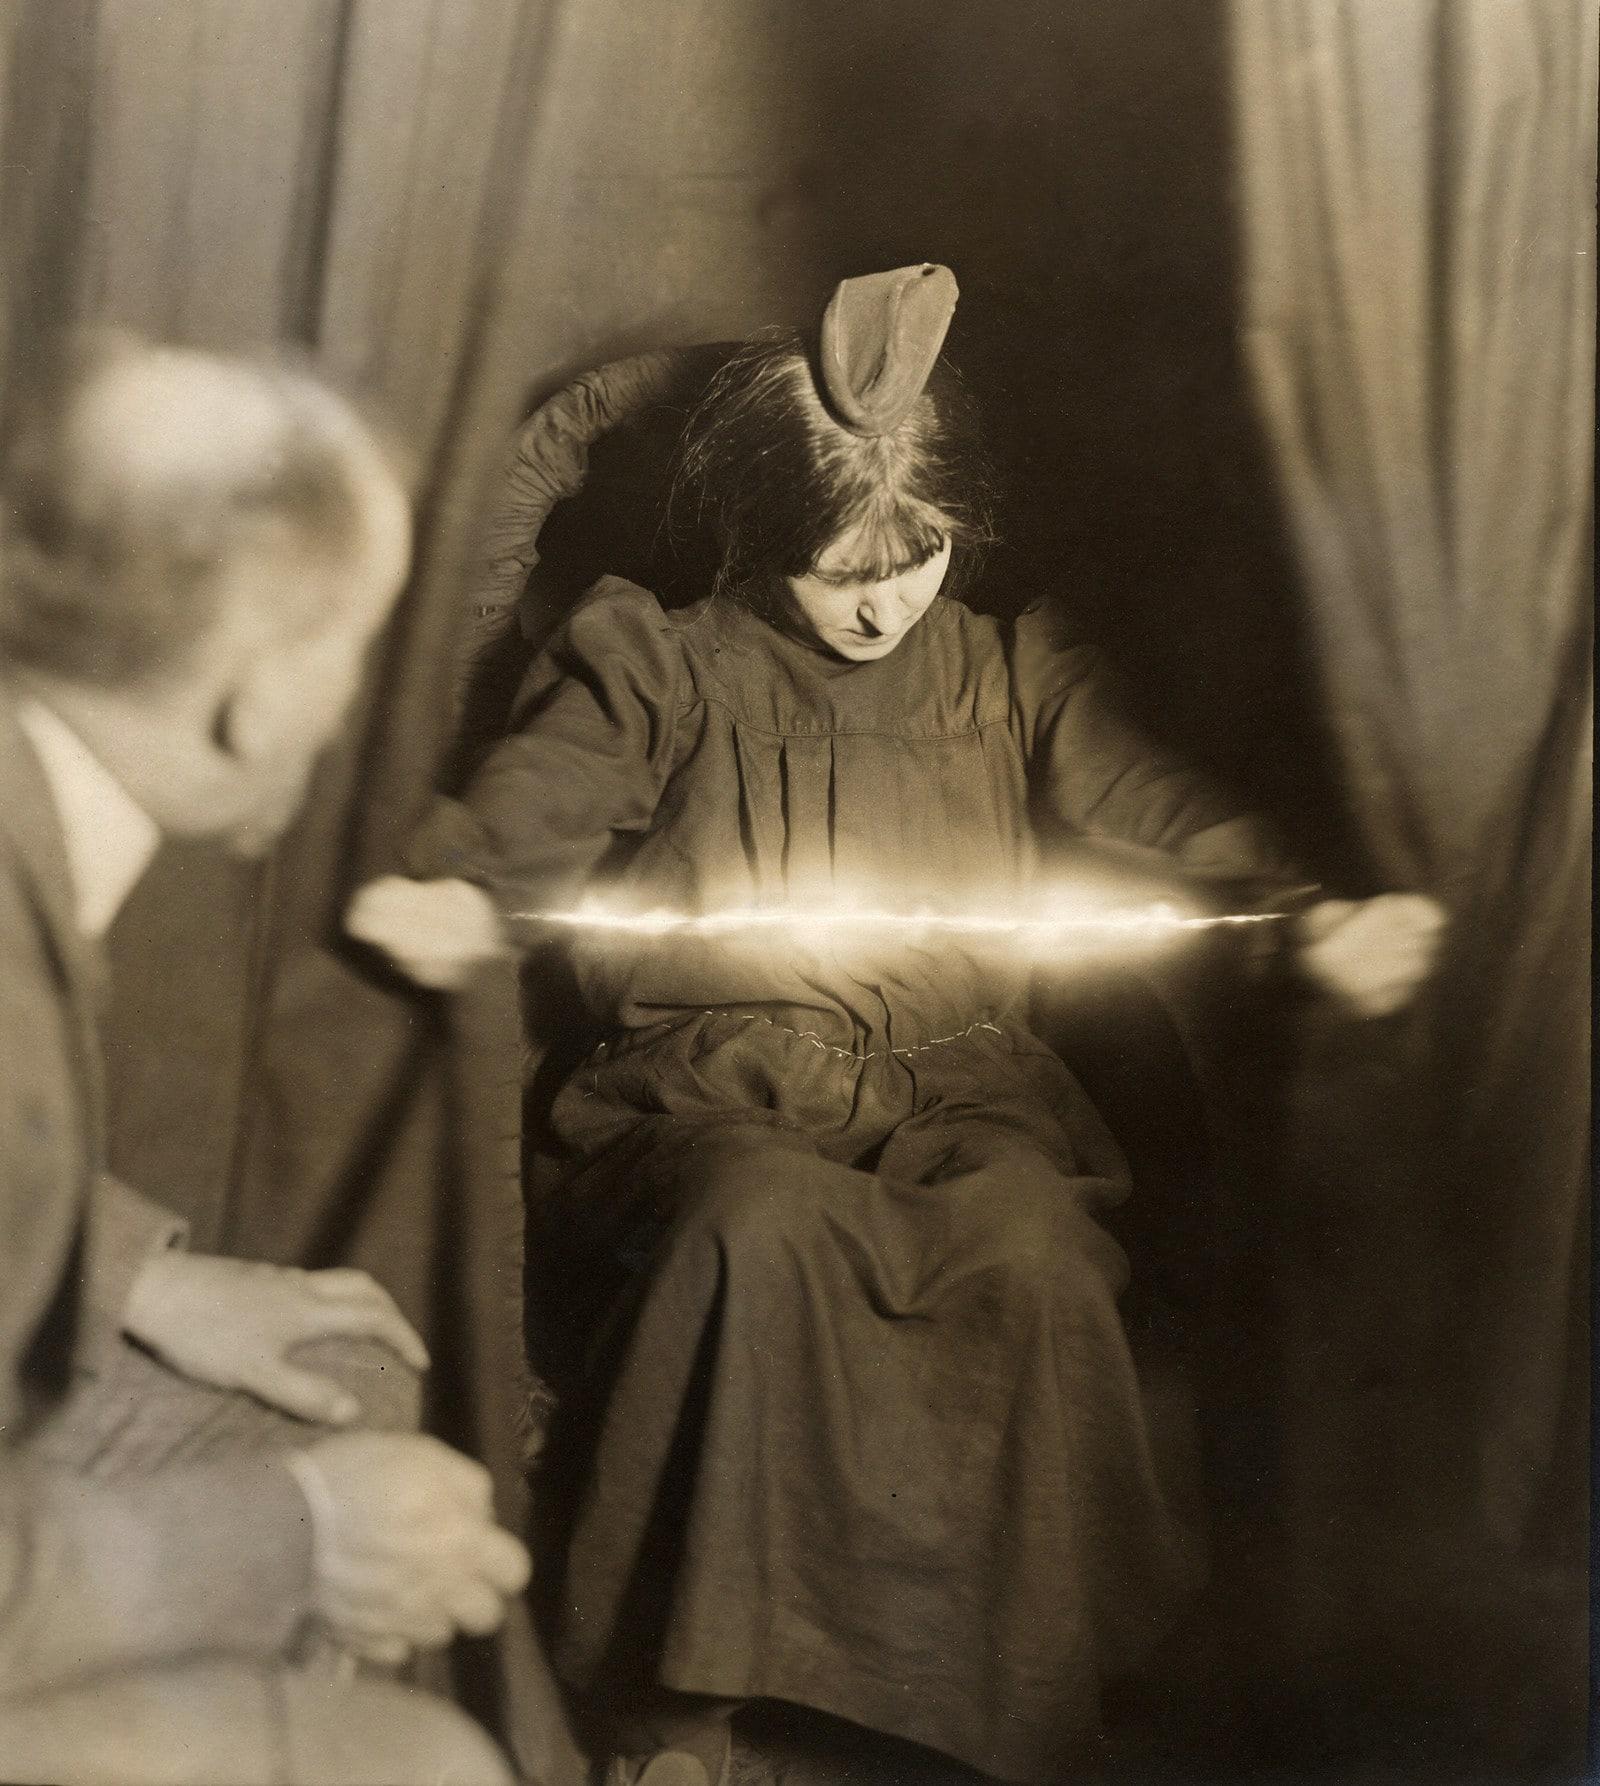 Коллекция продающихся стеклянных глаз, около 1900 года.